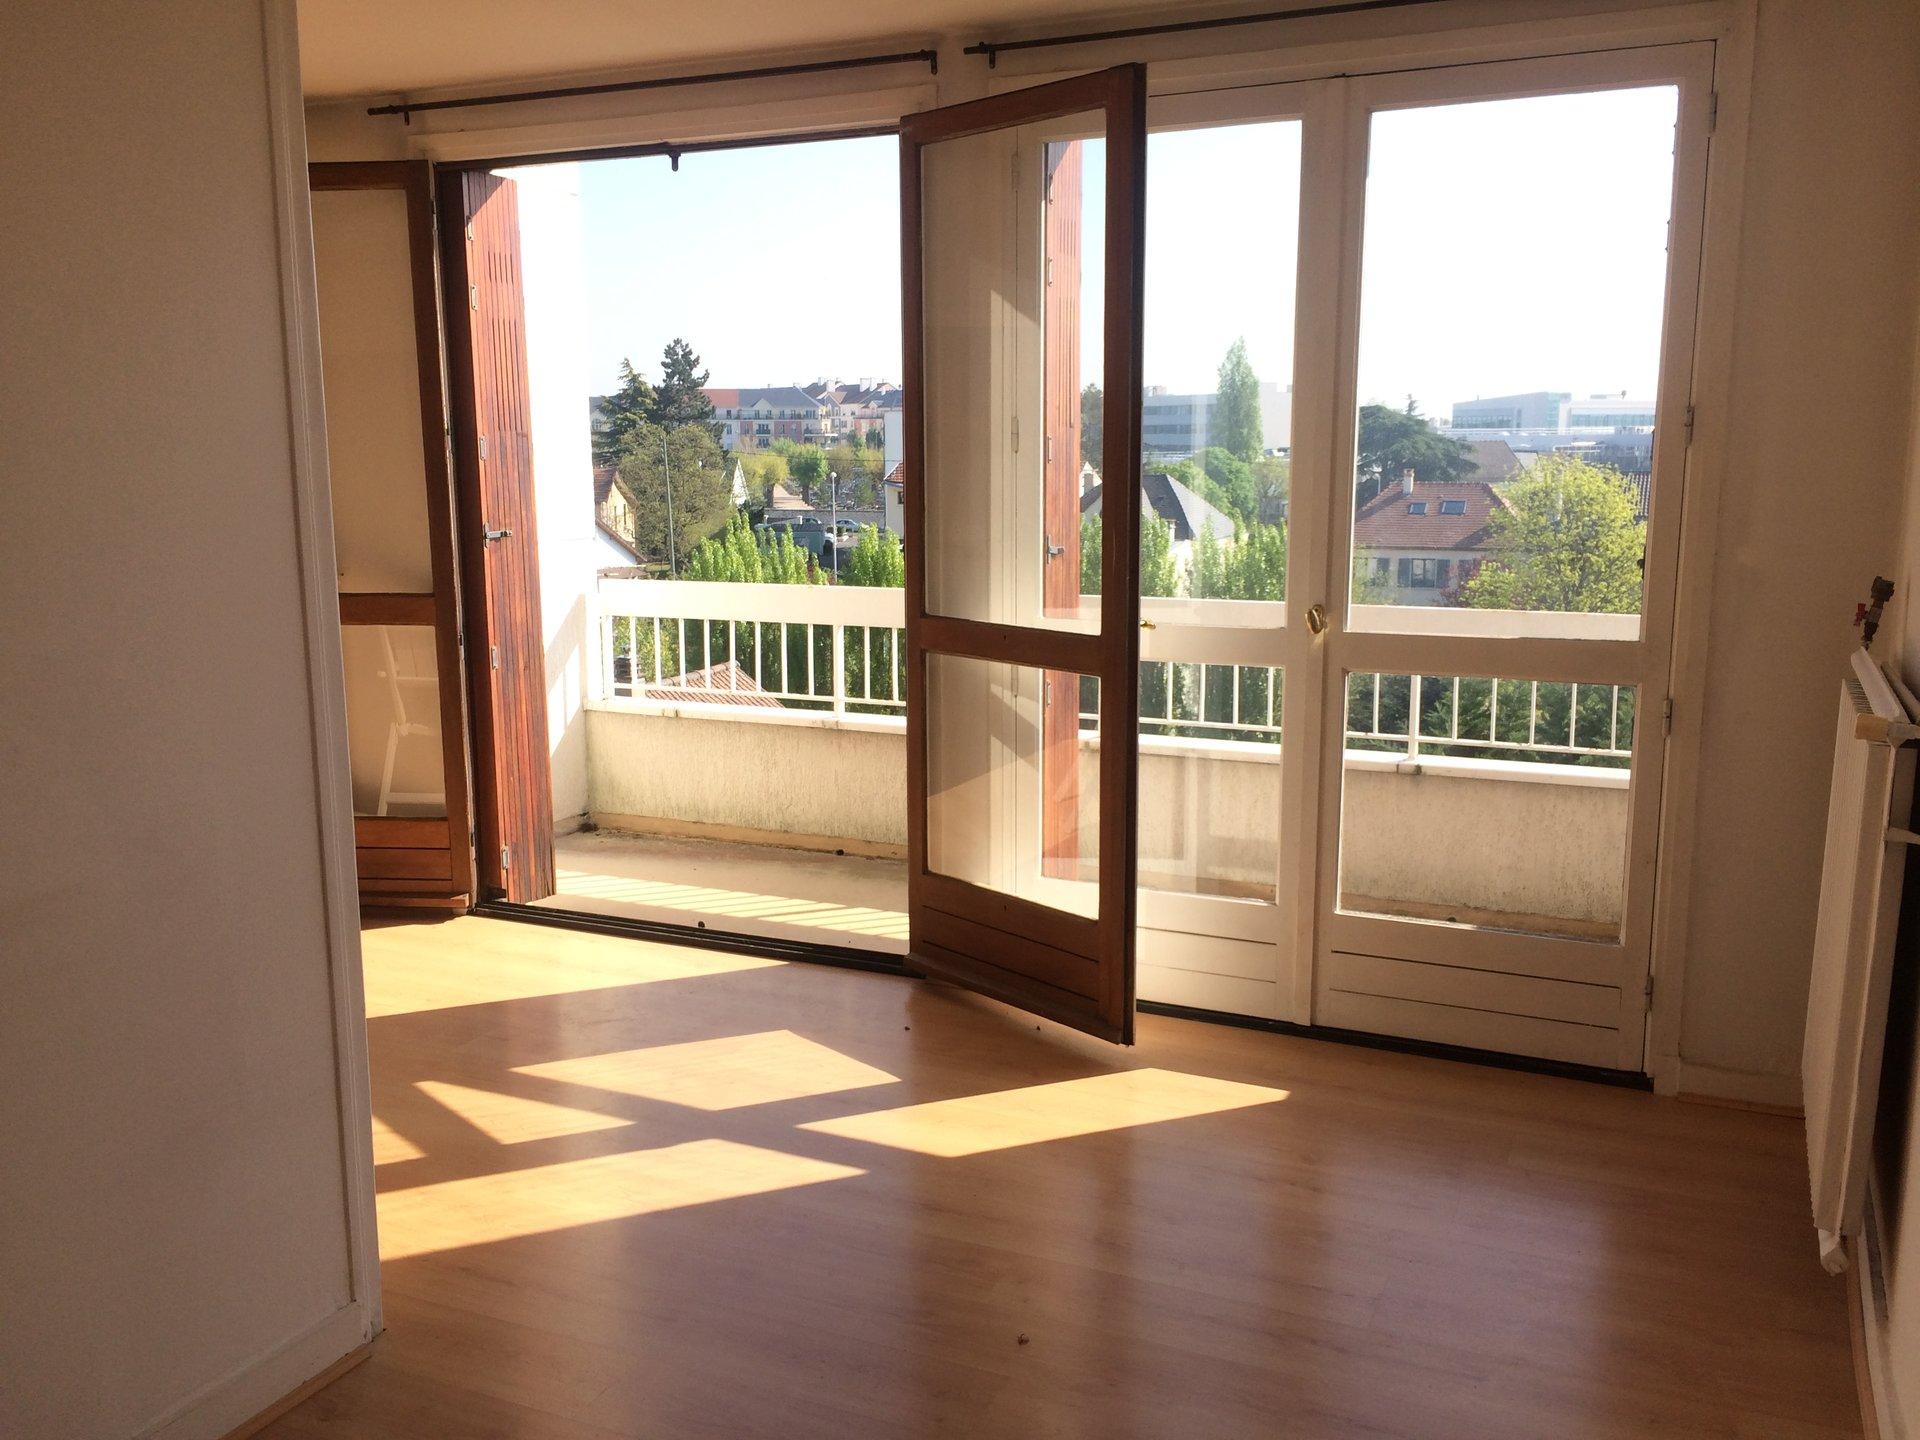 A 17 min à pied du RER, dernier étage, 2 pièces de 54 m²